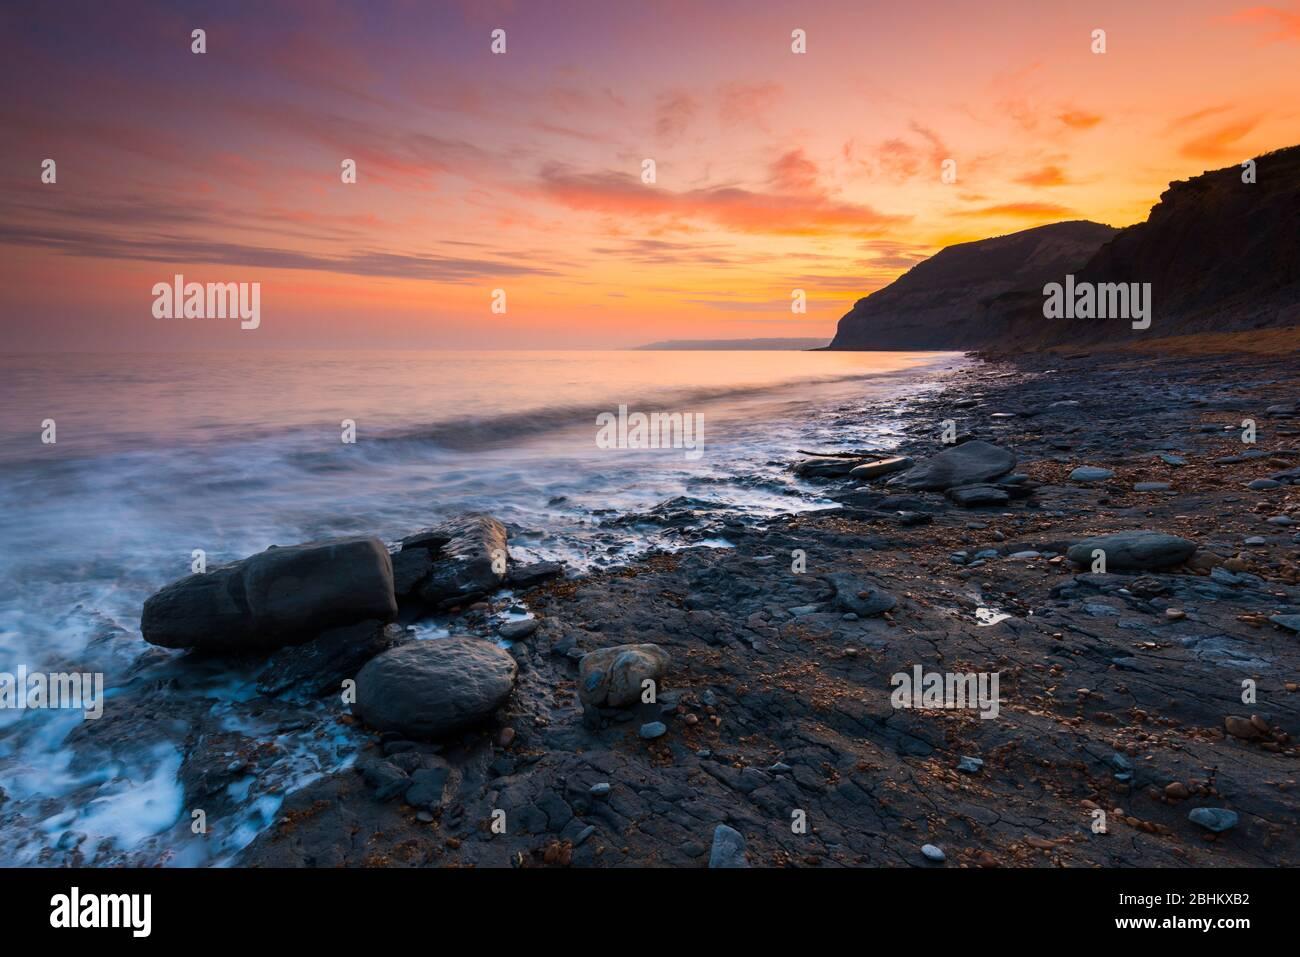 Seatown, Dorset, Reino Unido. 26 de abril de 2020. Clima en Reino Unido. Las nubes brillan de naranja al atardecer en Seatown en Dorset mirando hacia el oeste hacia los acantilados de Golden Cap. Crédito de la imagen: Graham Hunt/Alamy Live News Foto de stock